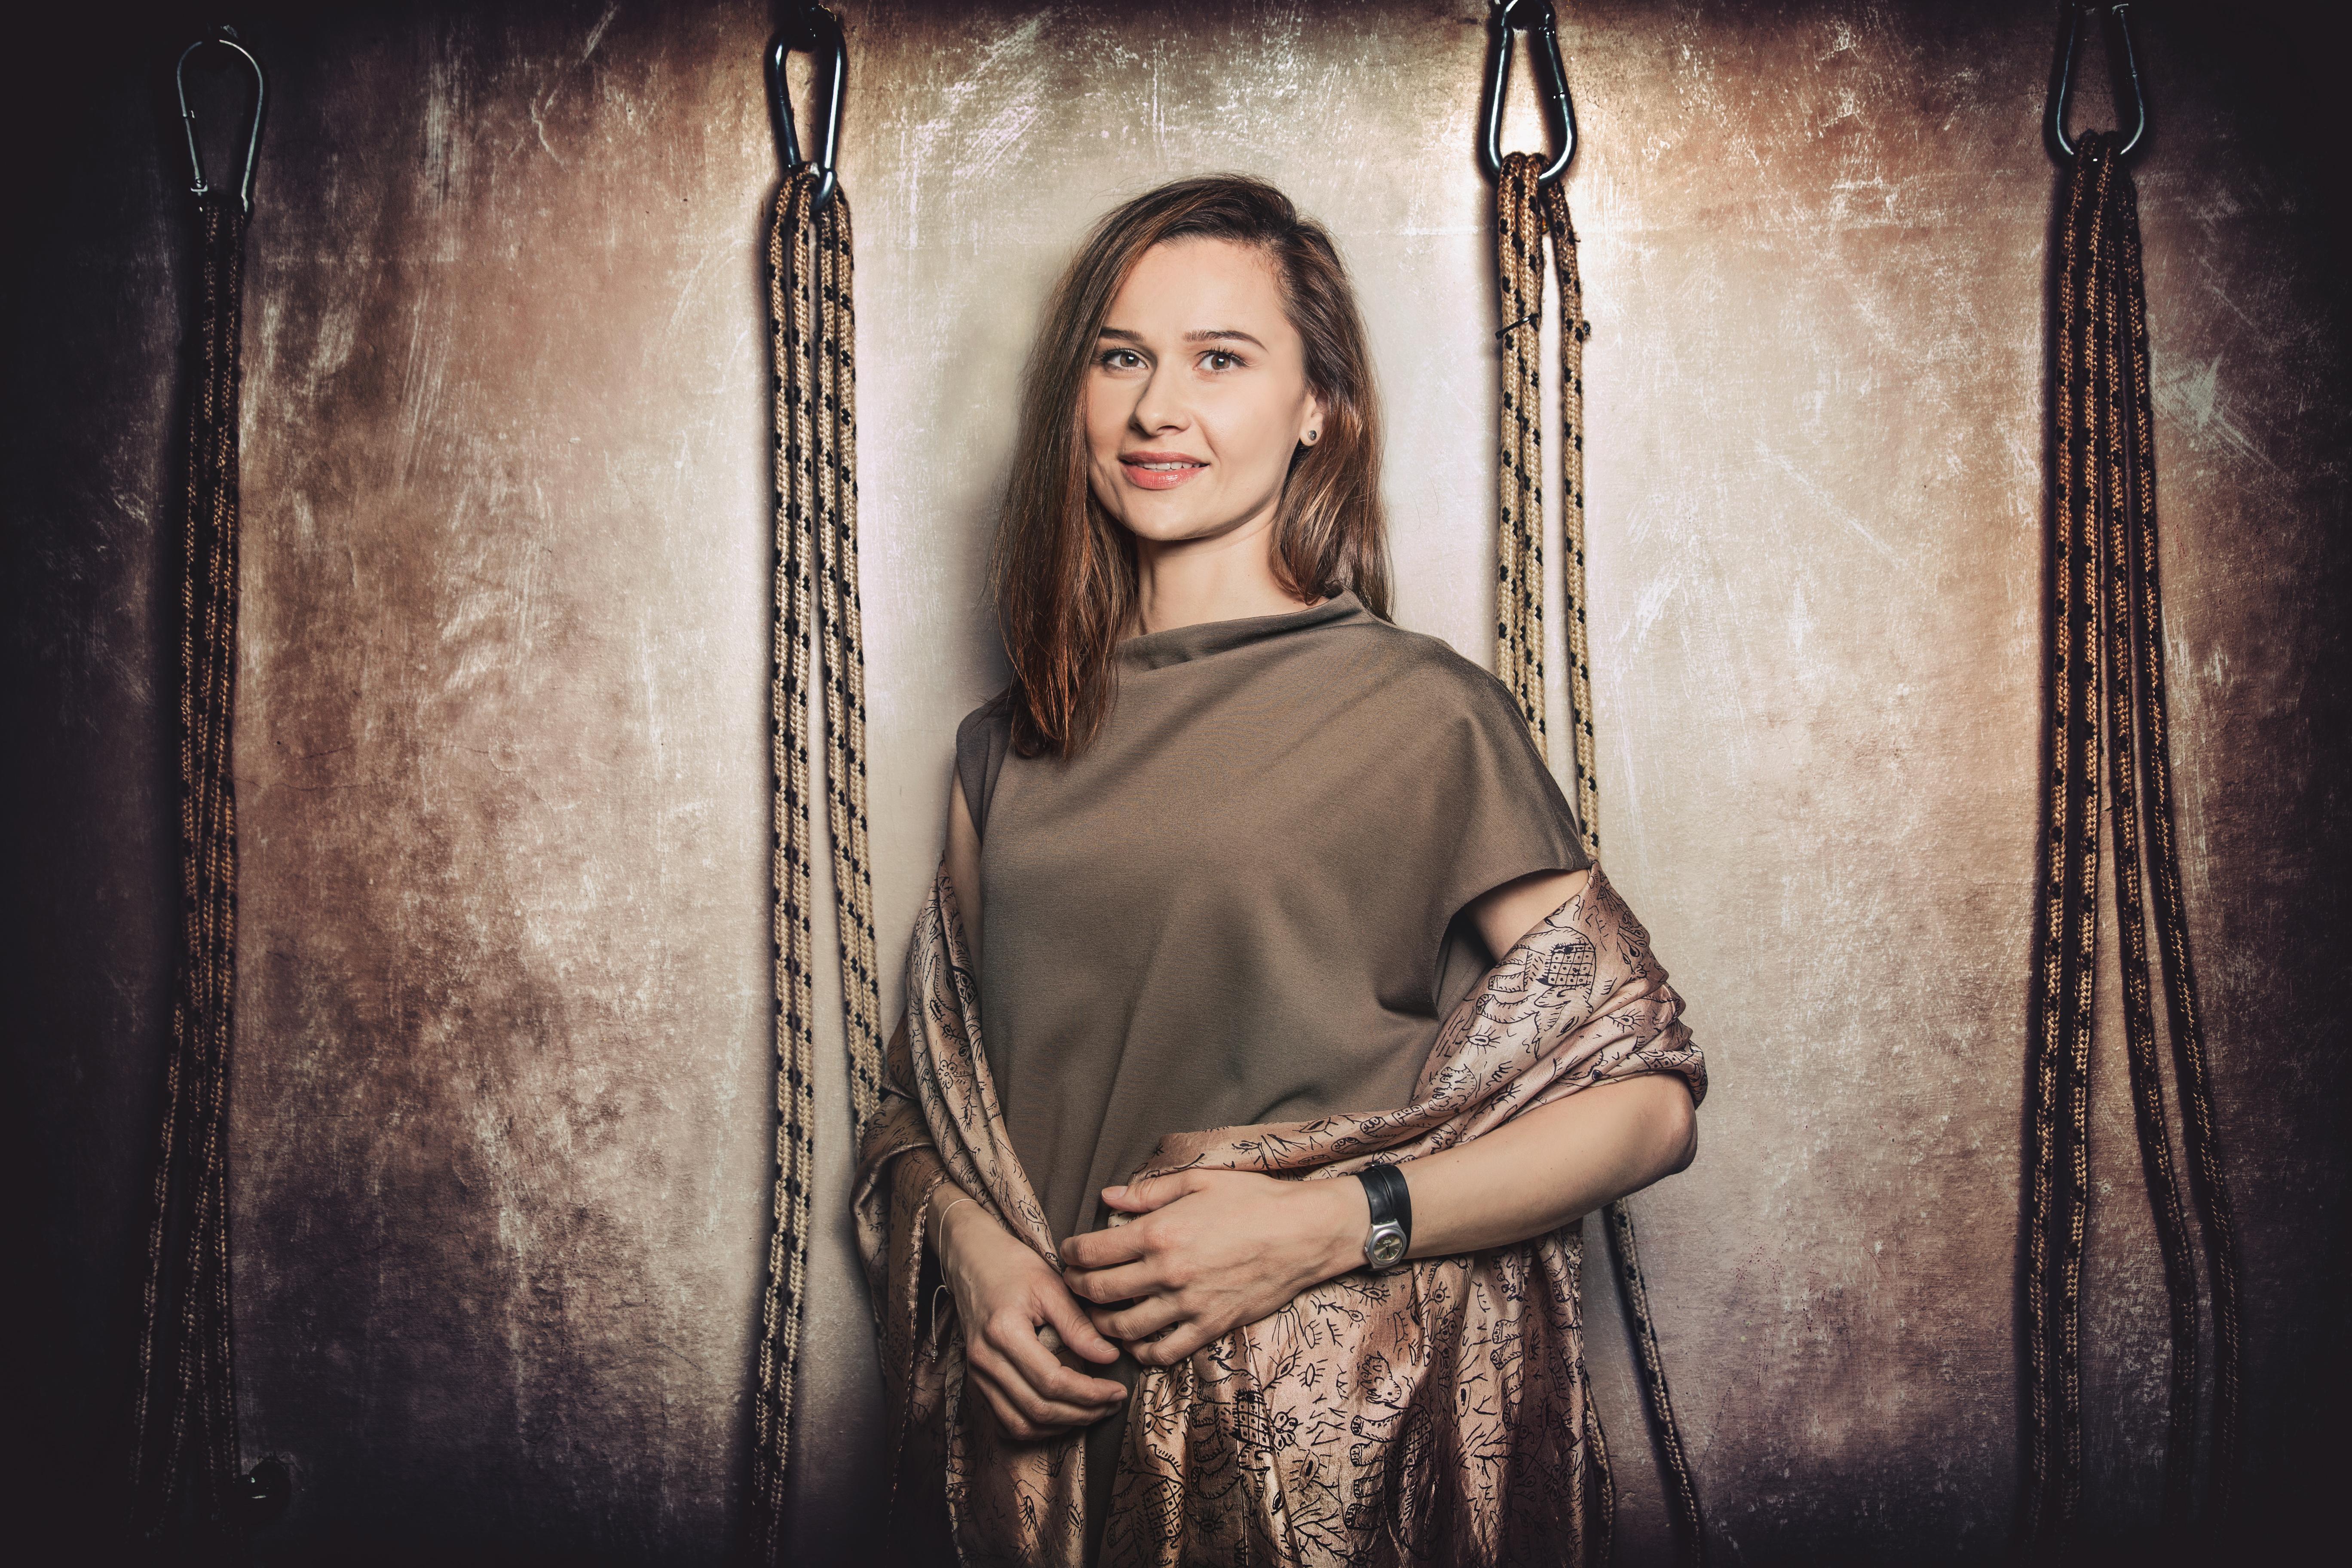 Izabela Jabłońska